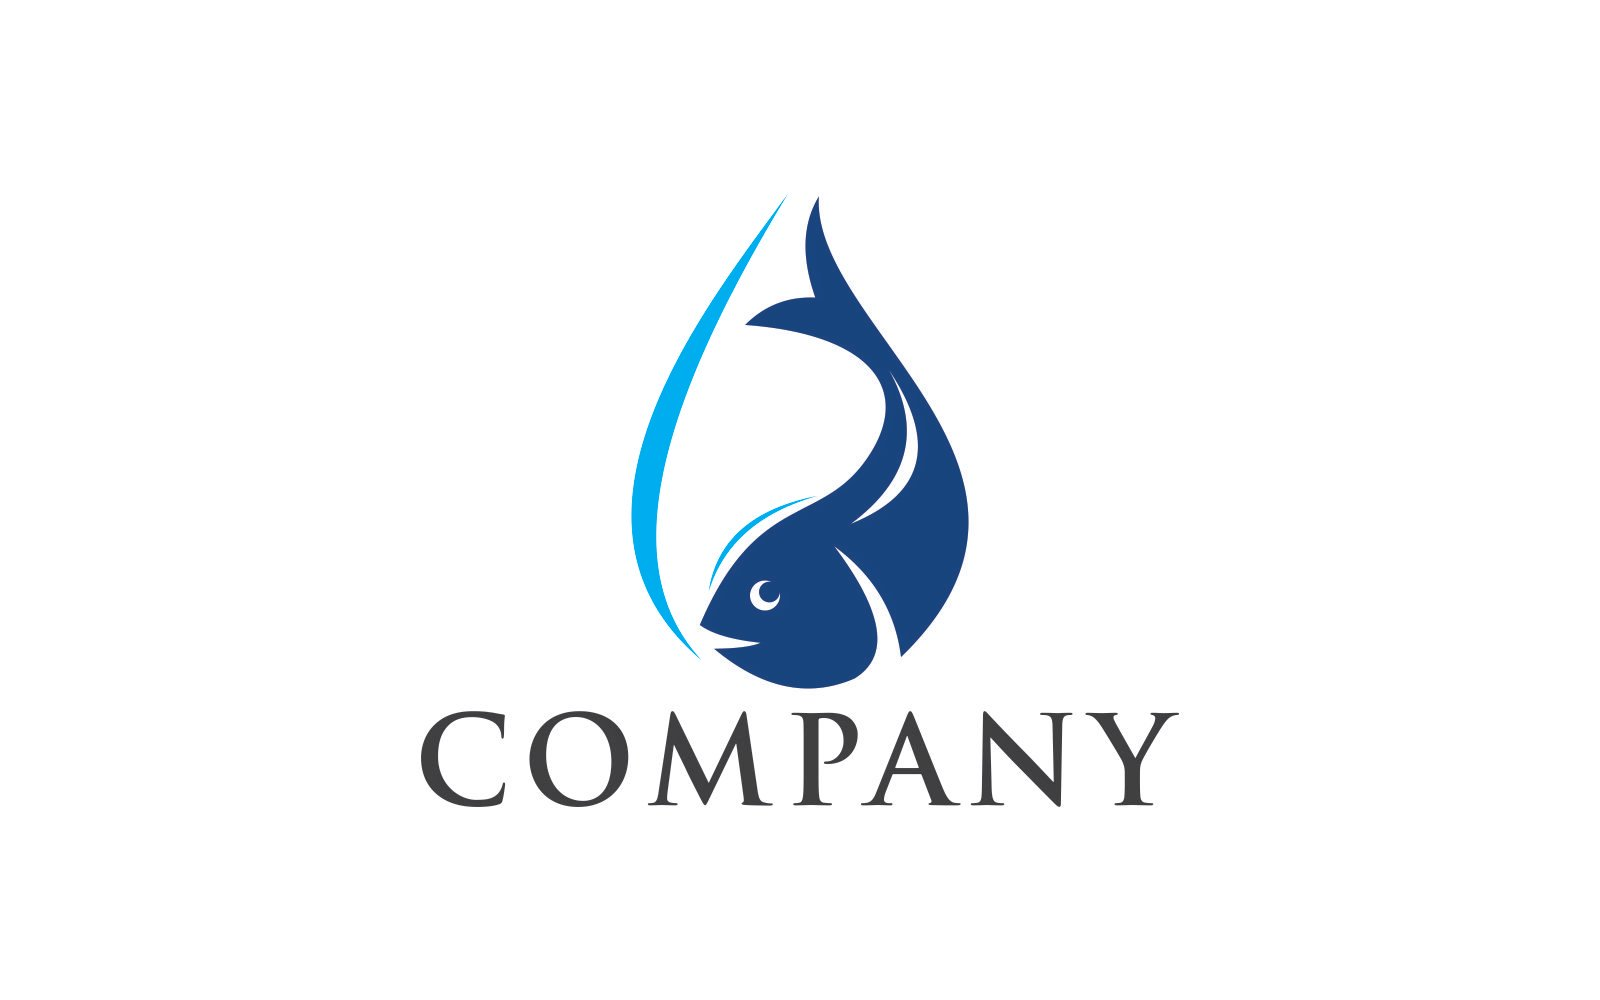 Fish water Unika logotyp mall #123655